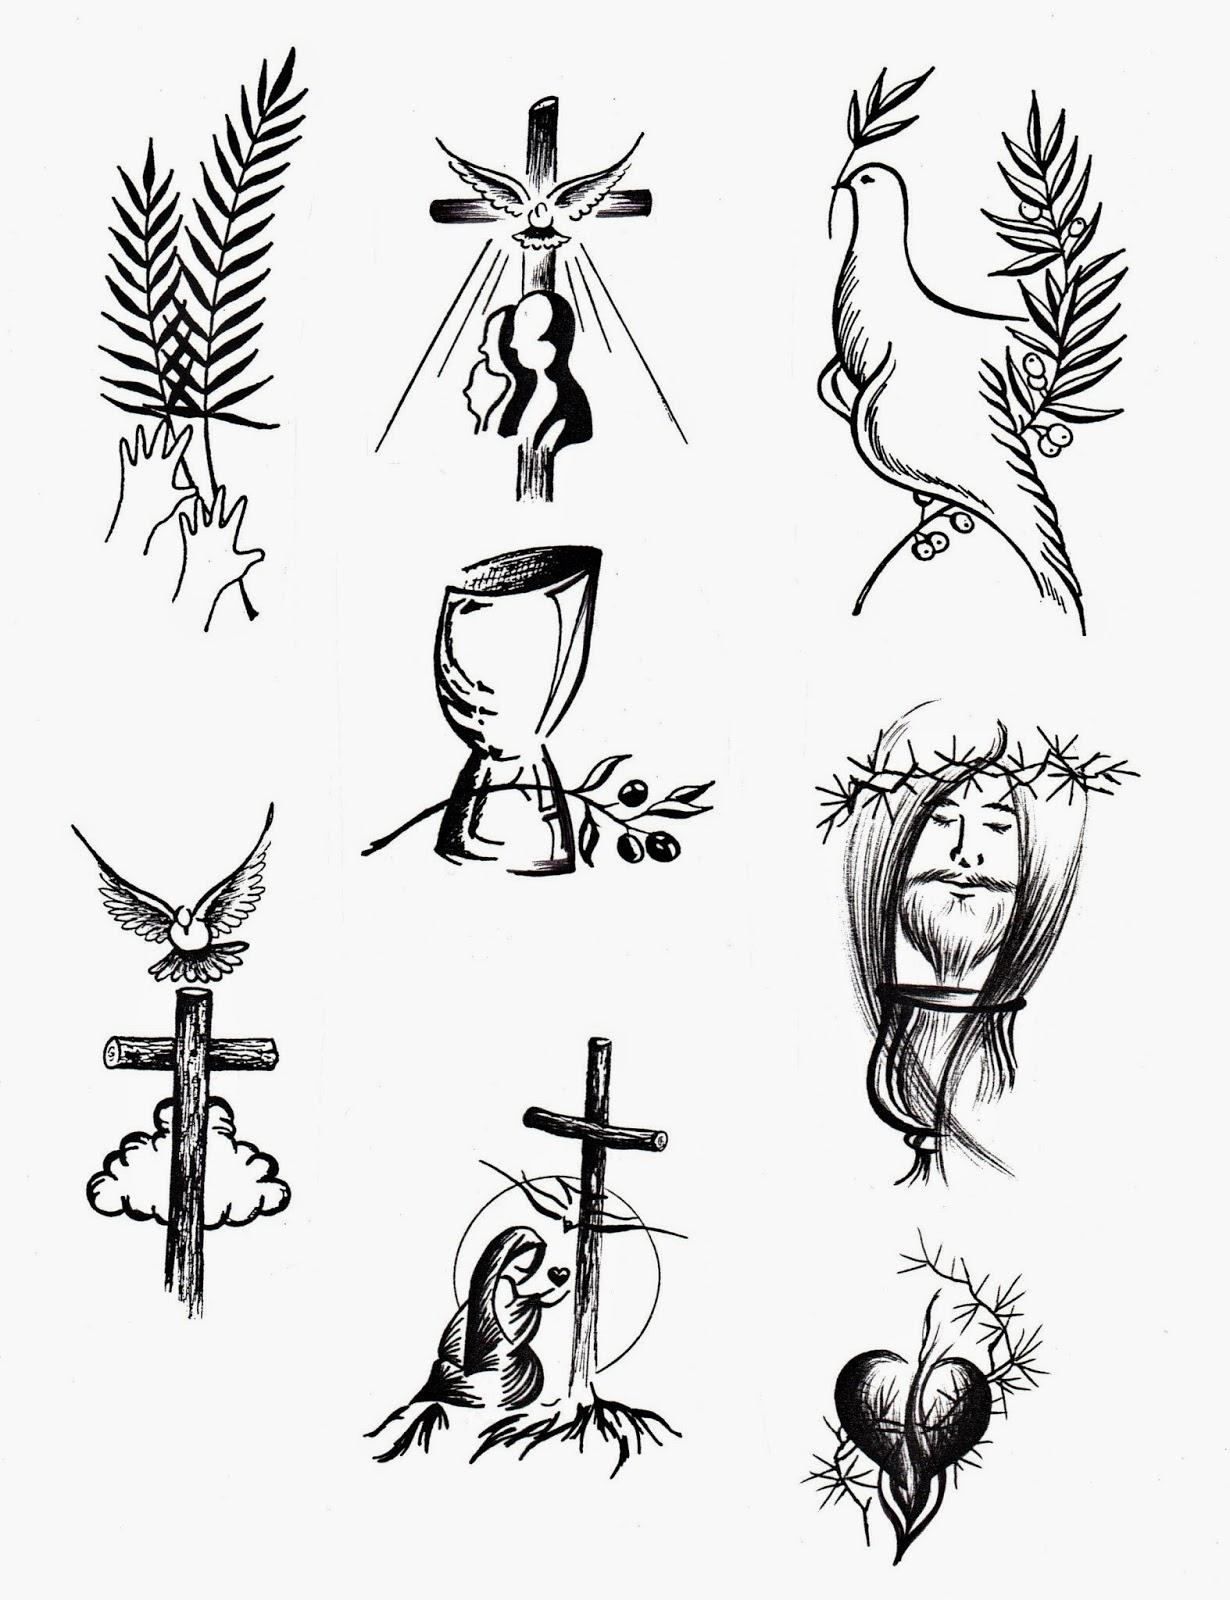 El Rincón de las Melli: Dibujos de Semana Santa